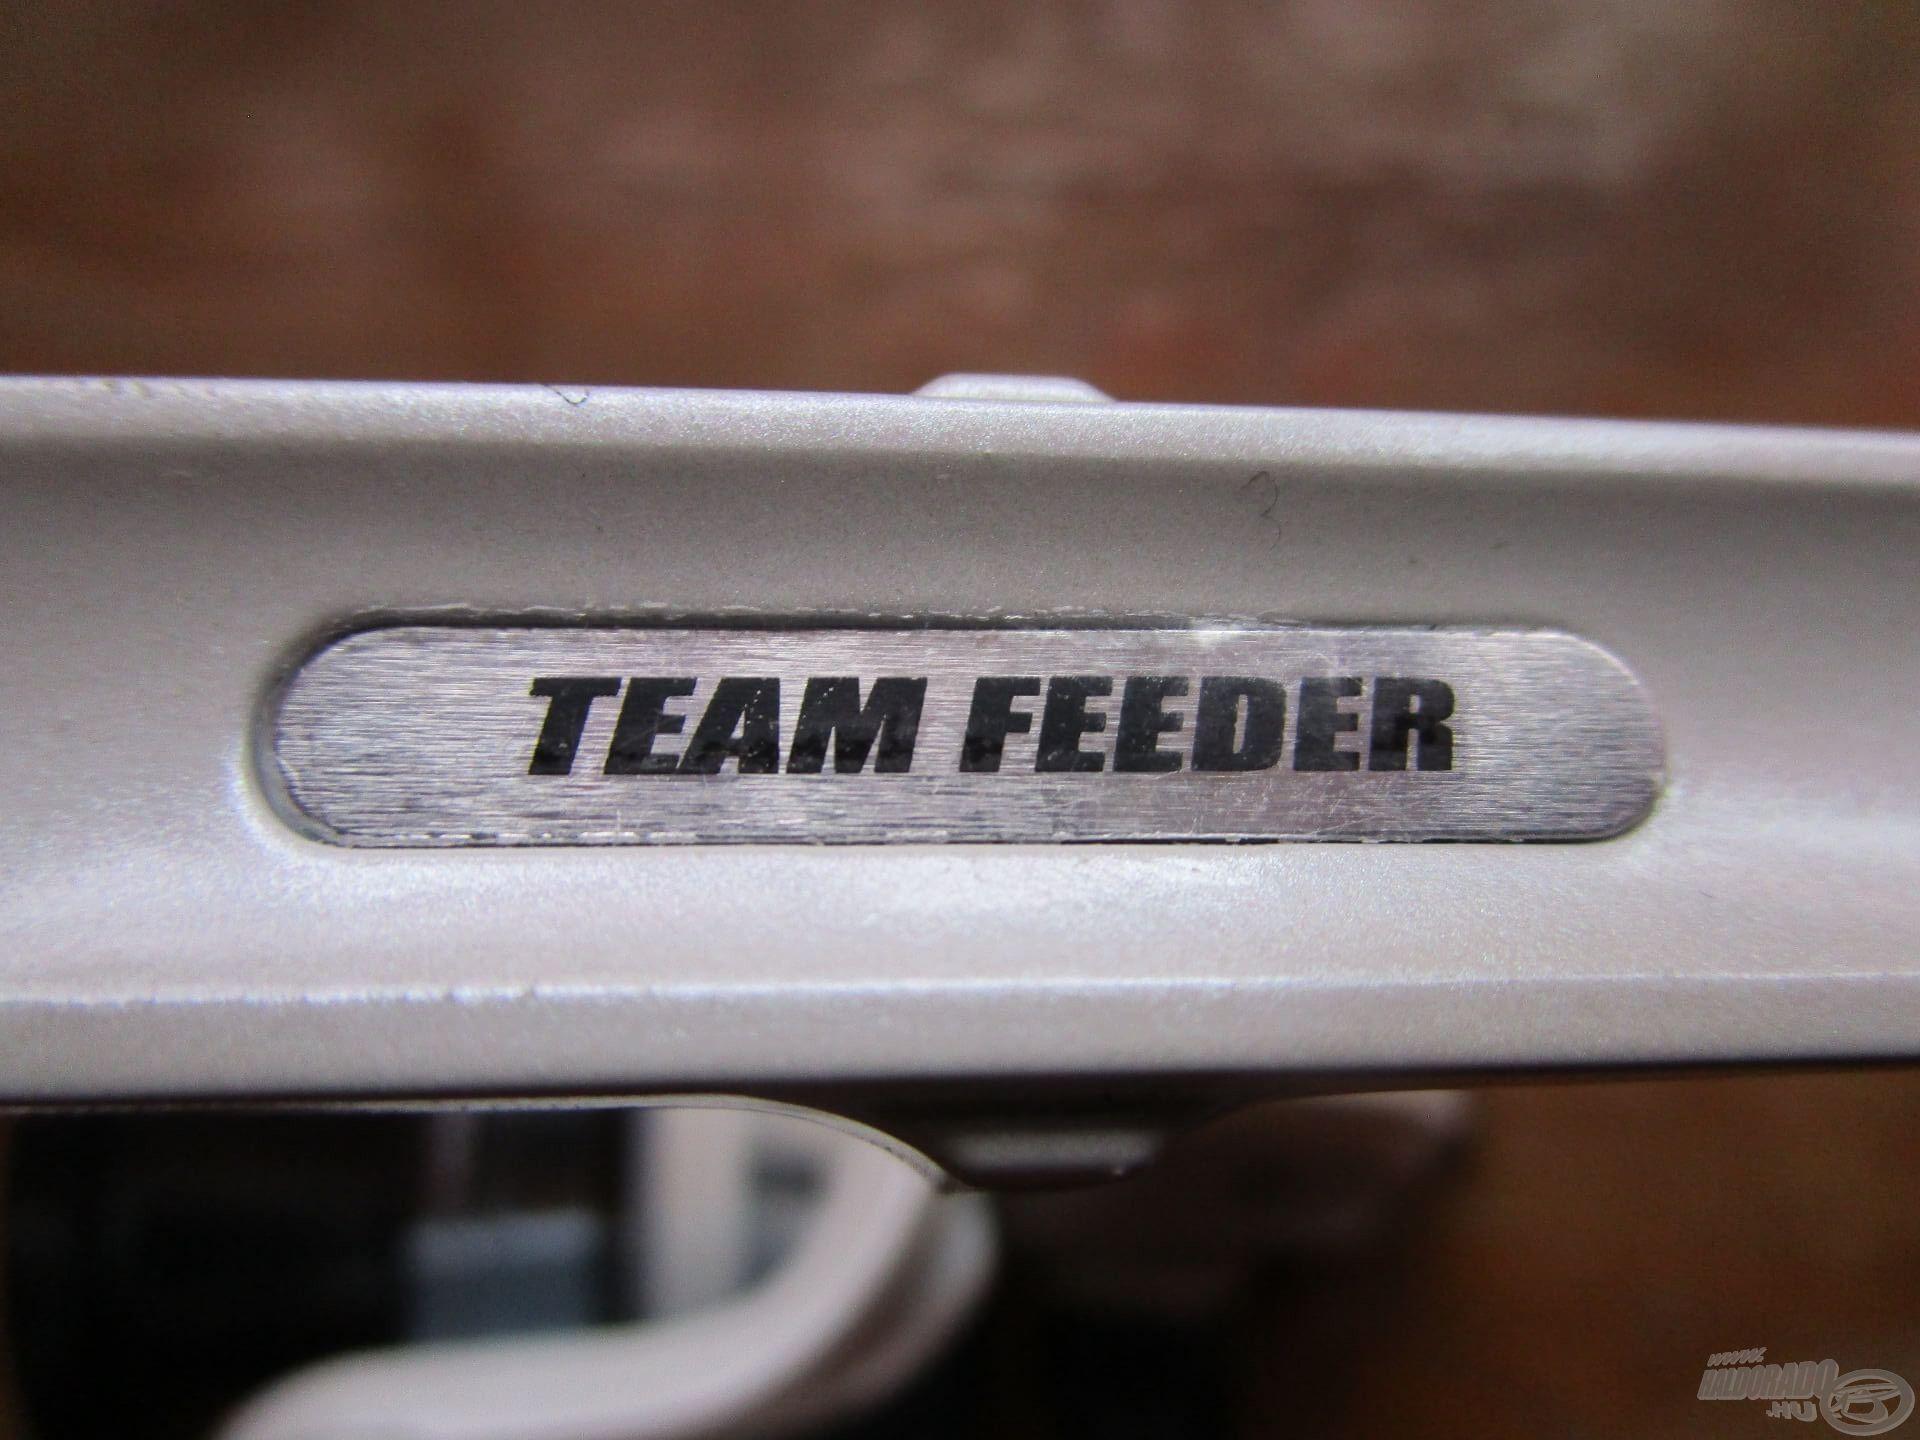 Igazán igényes kis műszer ez! TEAM FEEDER felirat díszíti az orsó talpát